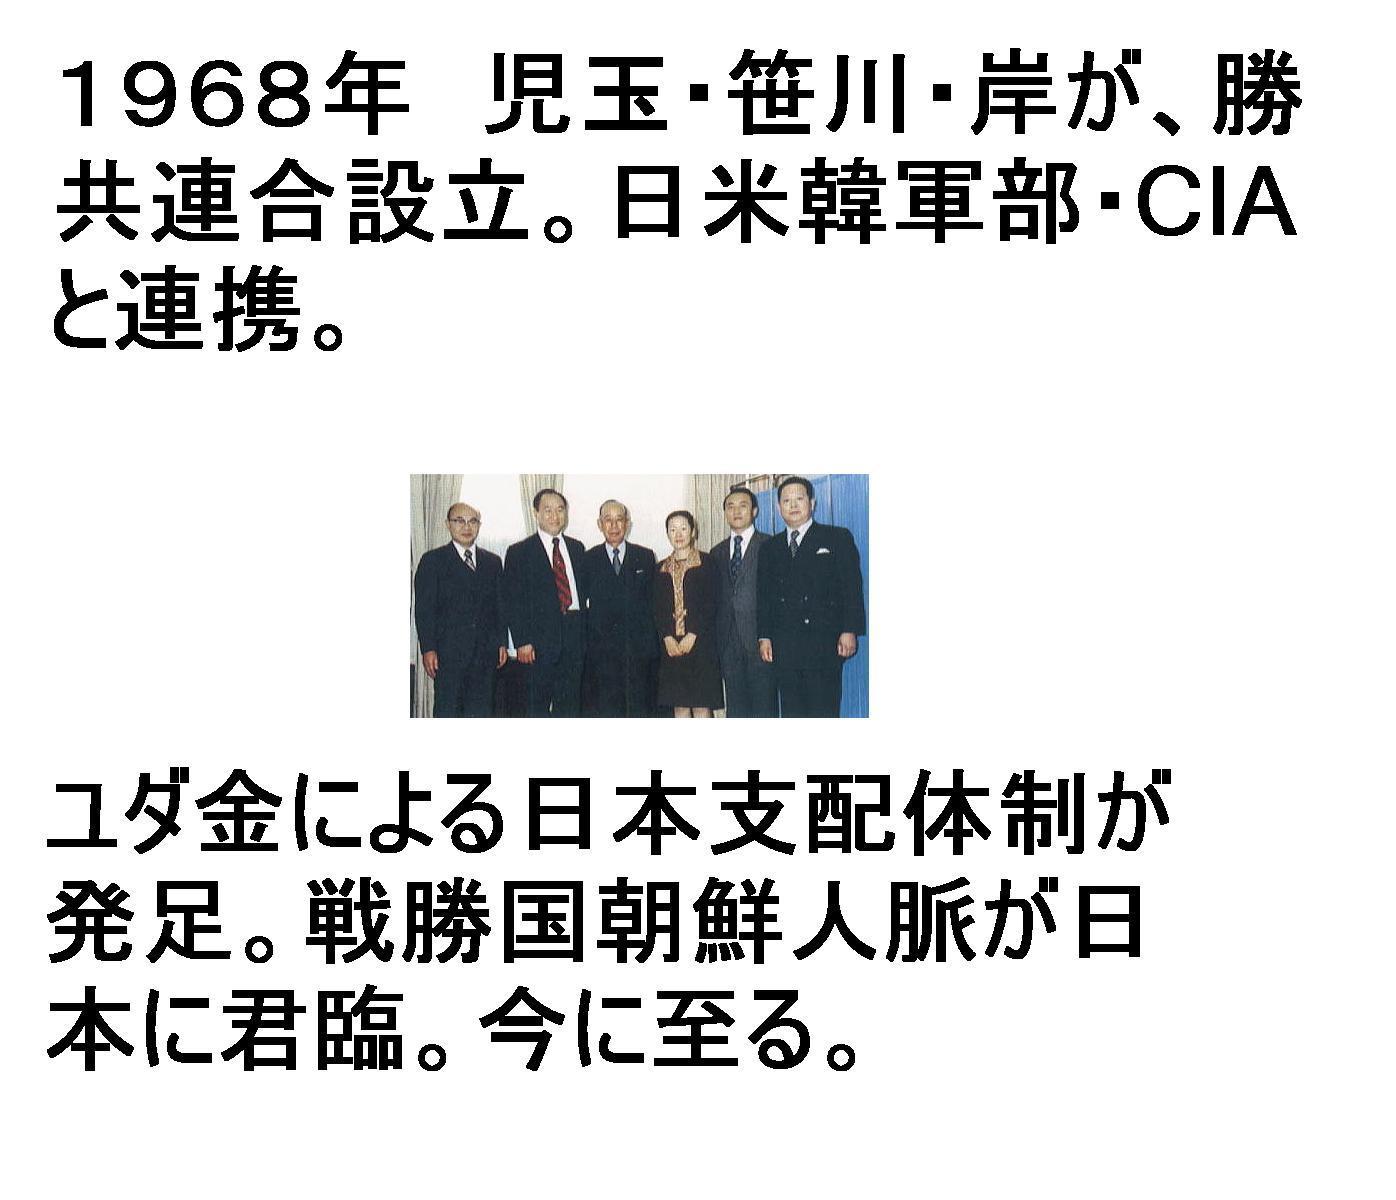 09.05.31独立党東京学習会動画を公開します。